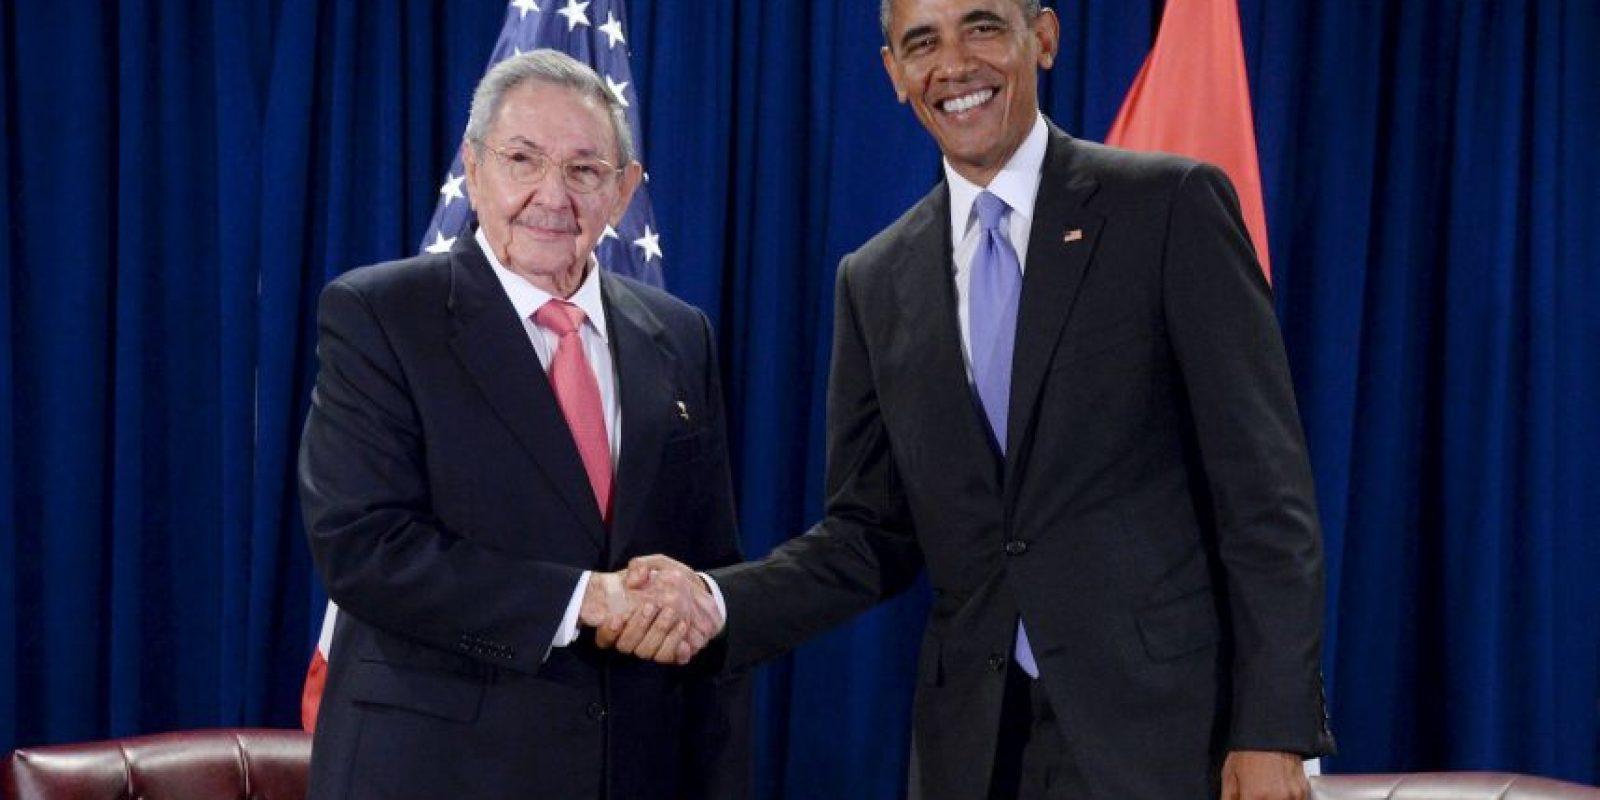 Otro presidente de América Latina que tuvo actividad este día fue Raúl Castro, quien se reunió con Barack Obama en un histórico encuentro. Foto:Getty Images